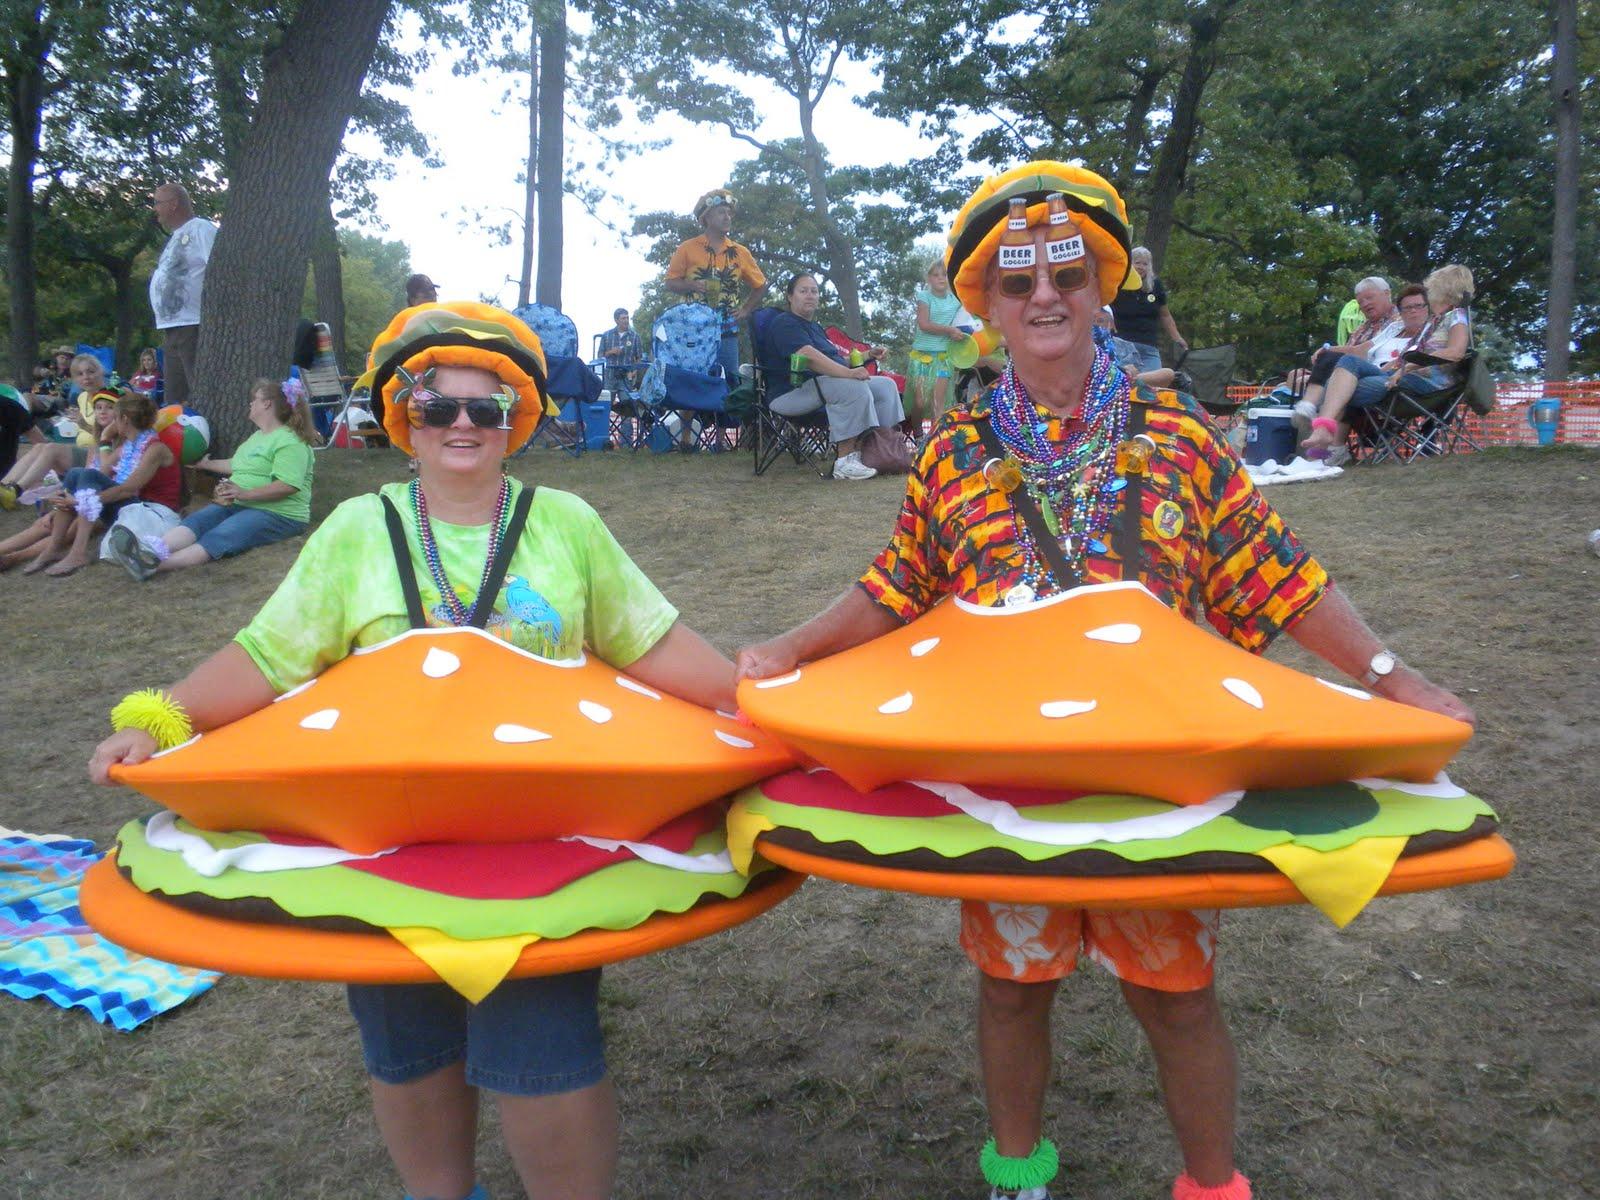 caseville mi cheeseburger festival 2020